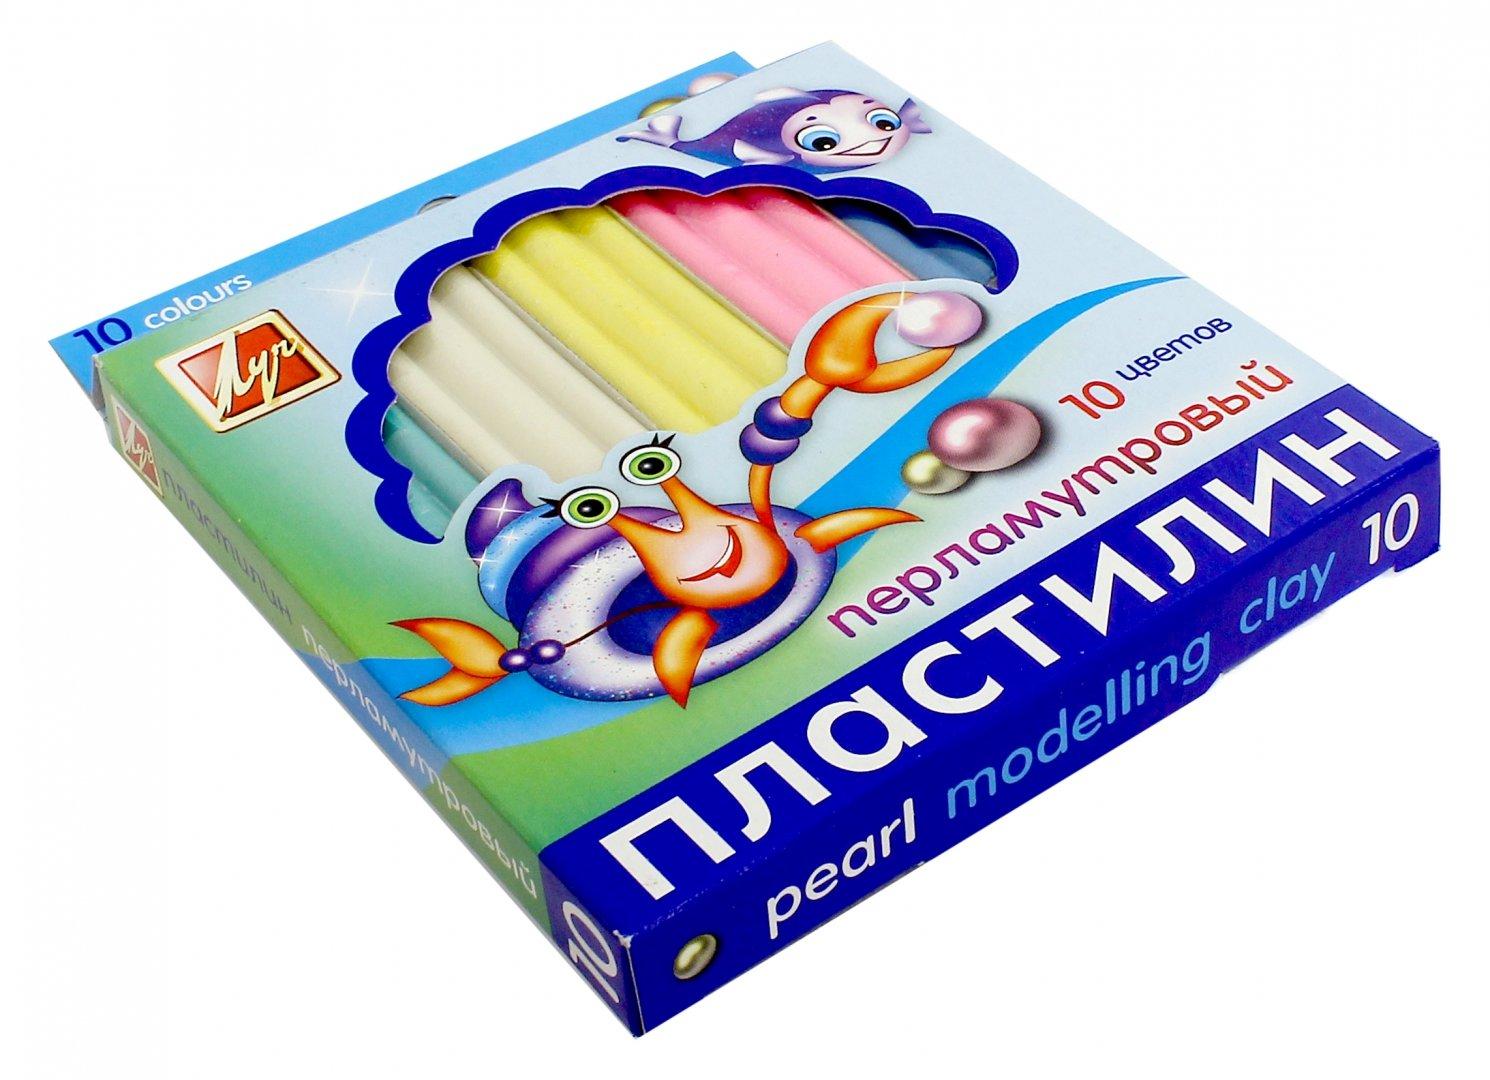 Иллюстрация 1 из 8 для Пластилин перламутровый (10 цветов) (21С 1382-08) | Лабиринт - игрушки. Источник: Лабиринт